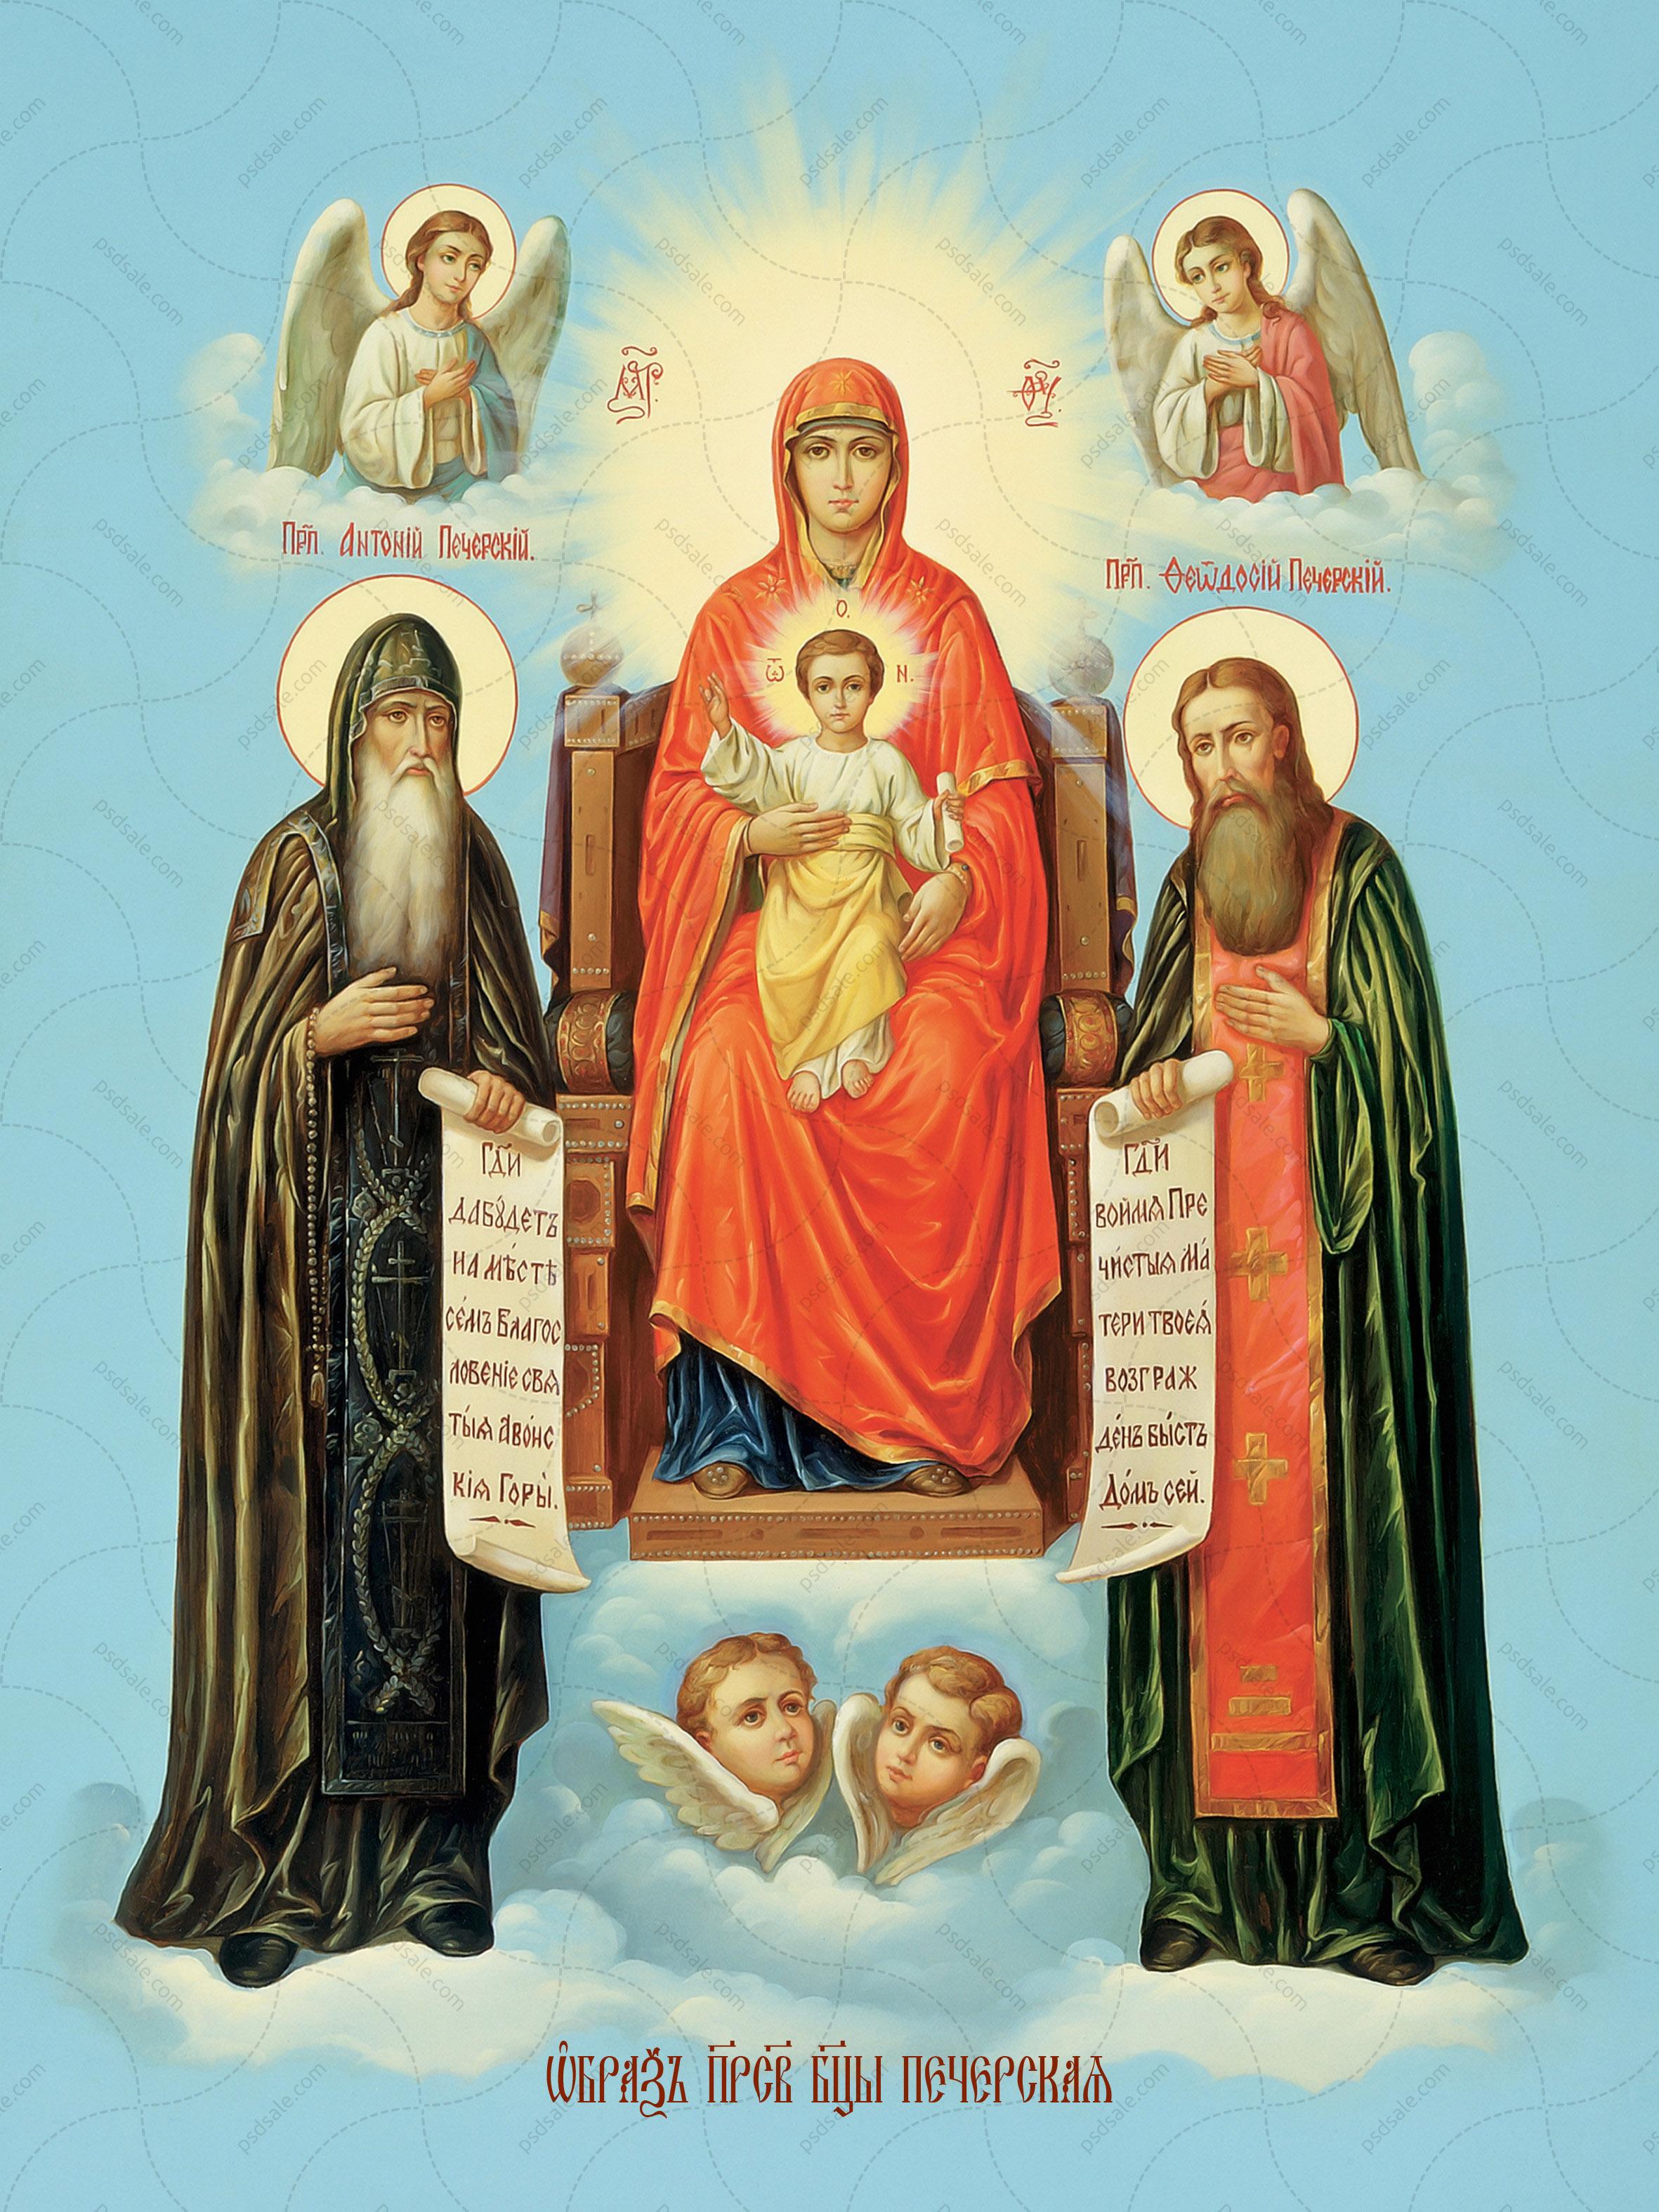 Печерская икона божьей матери